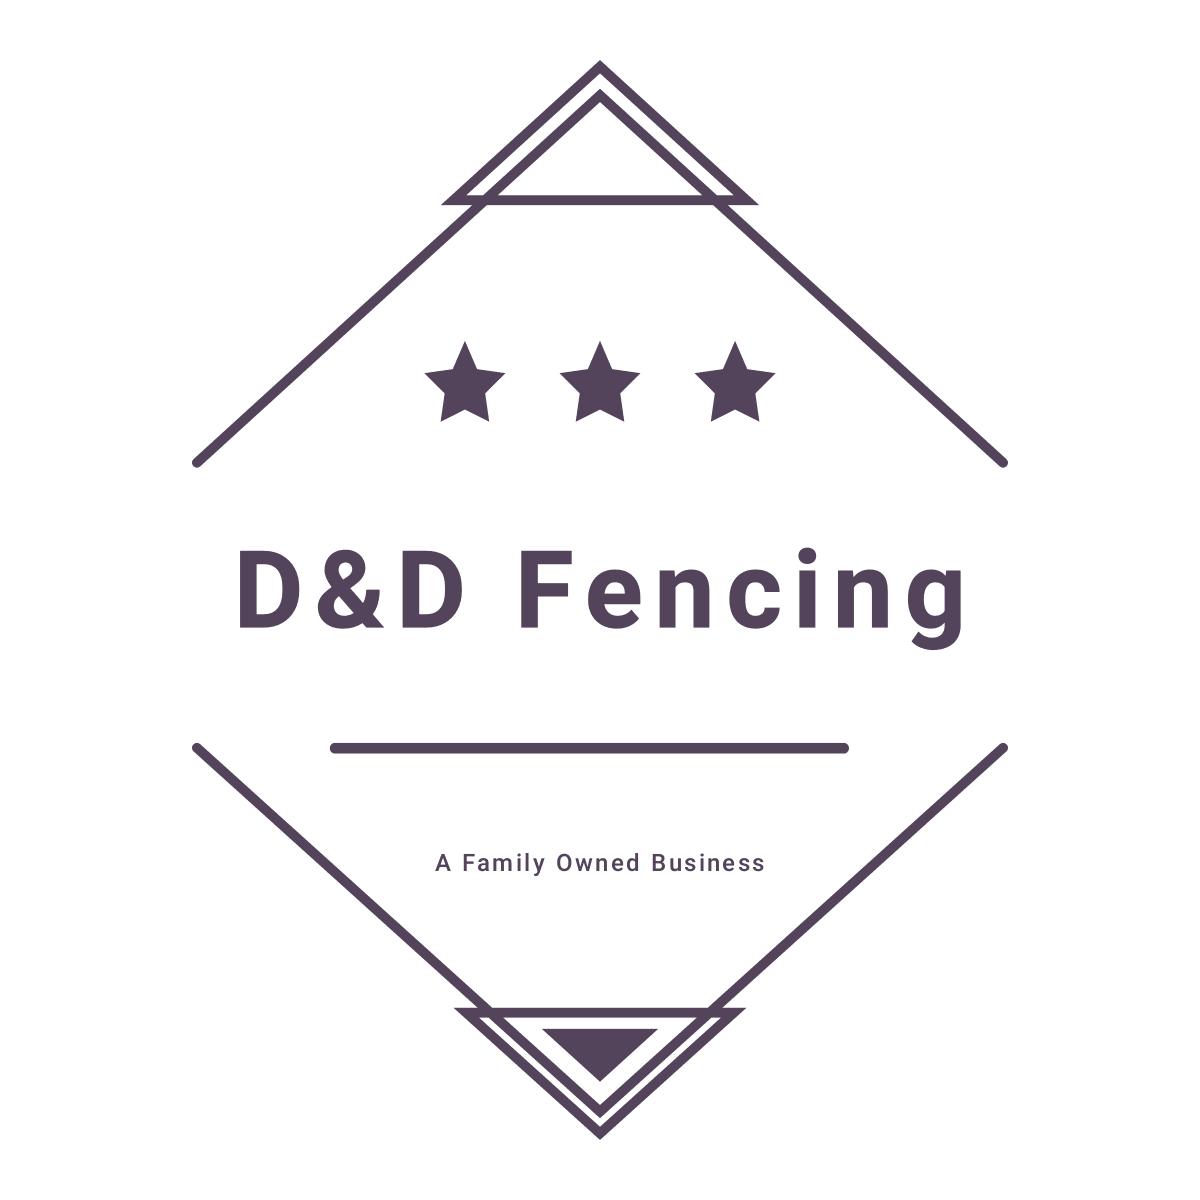 D  & D Fencing